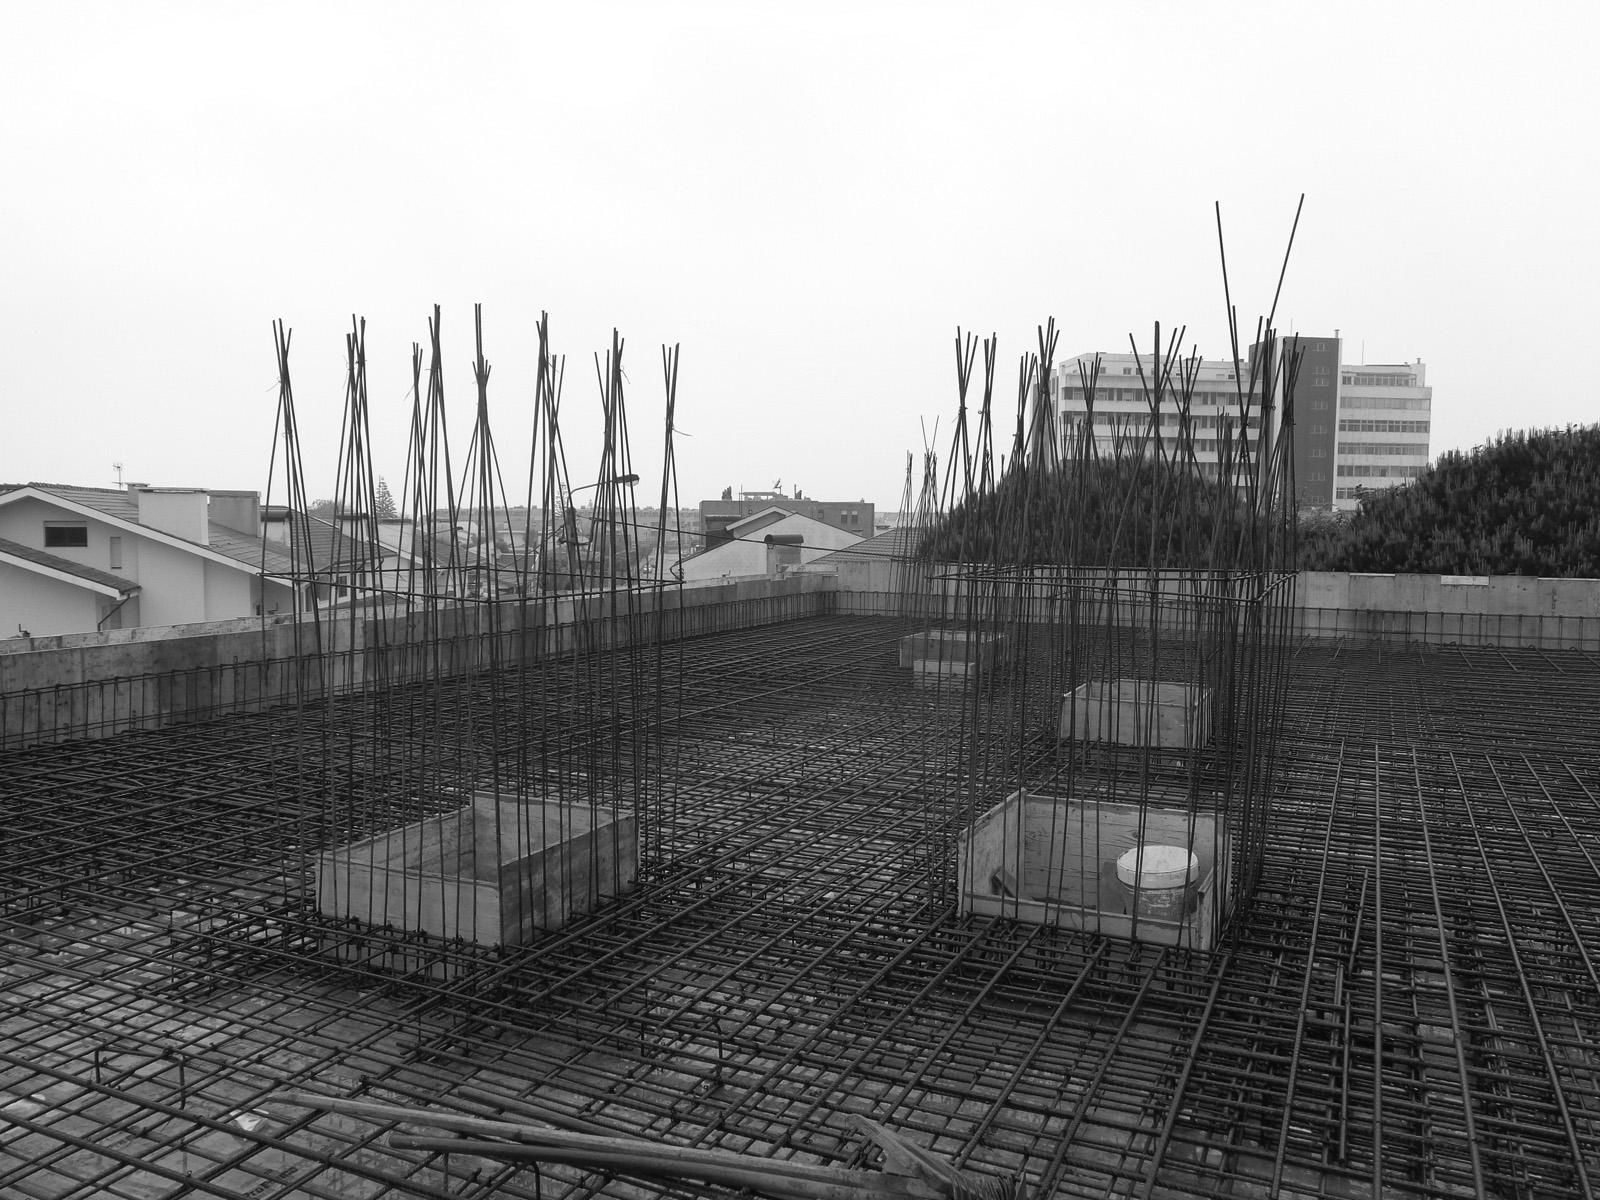 moradia alfazema - EVA evolutionary architecture - arquitectura - arquitectos porto (21).jpg